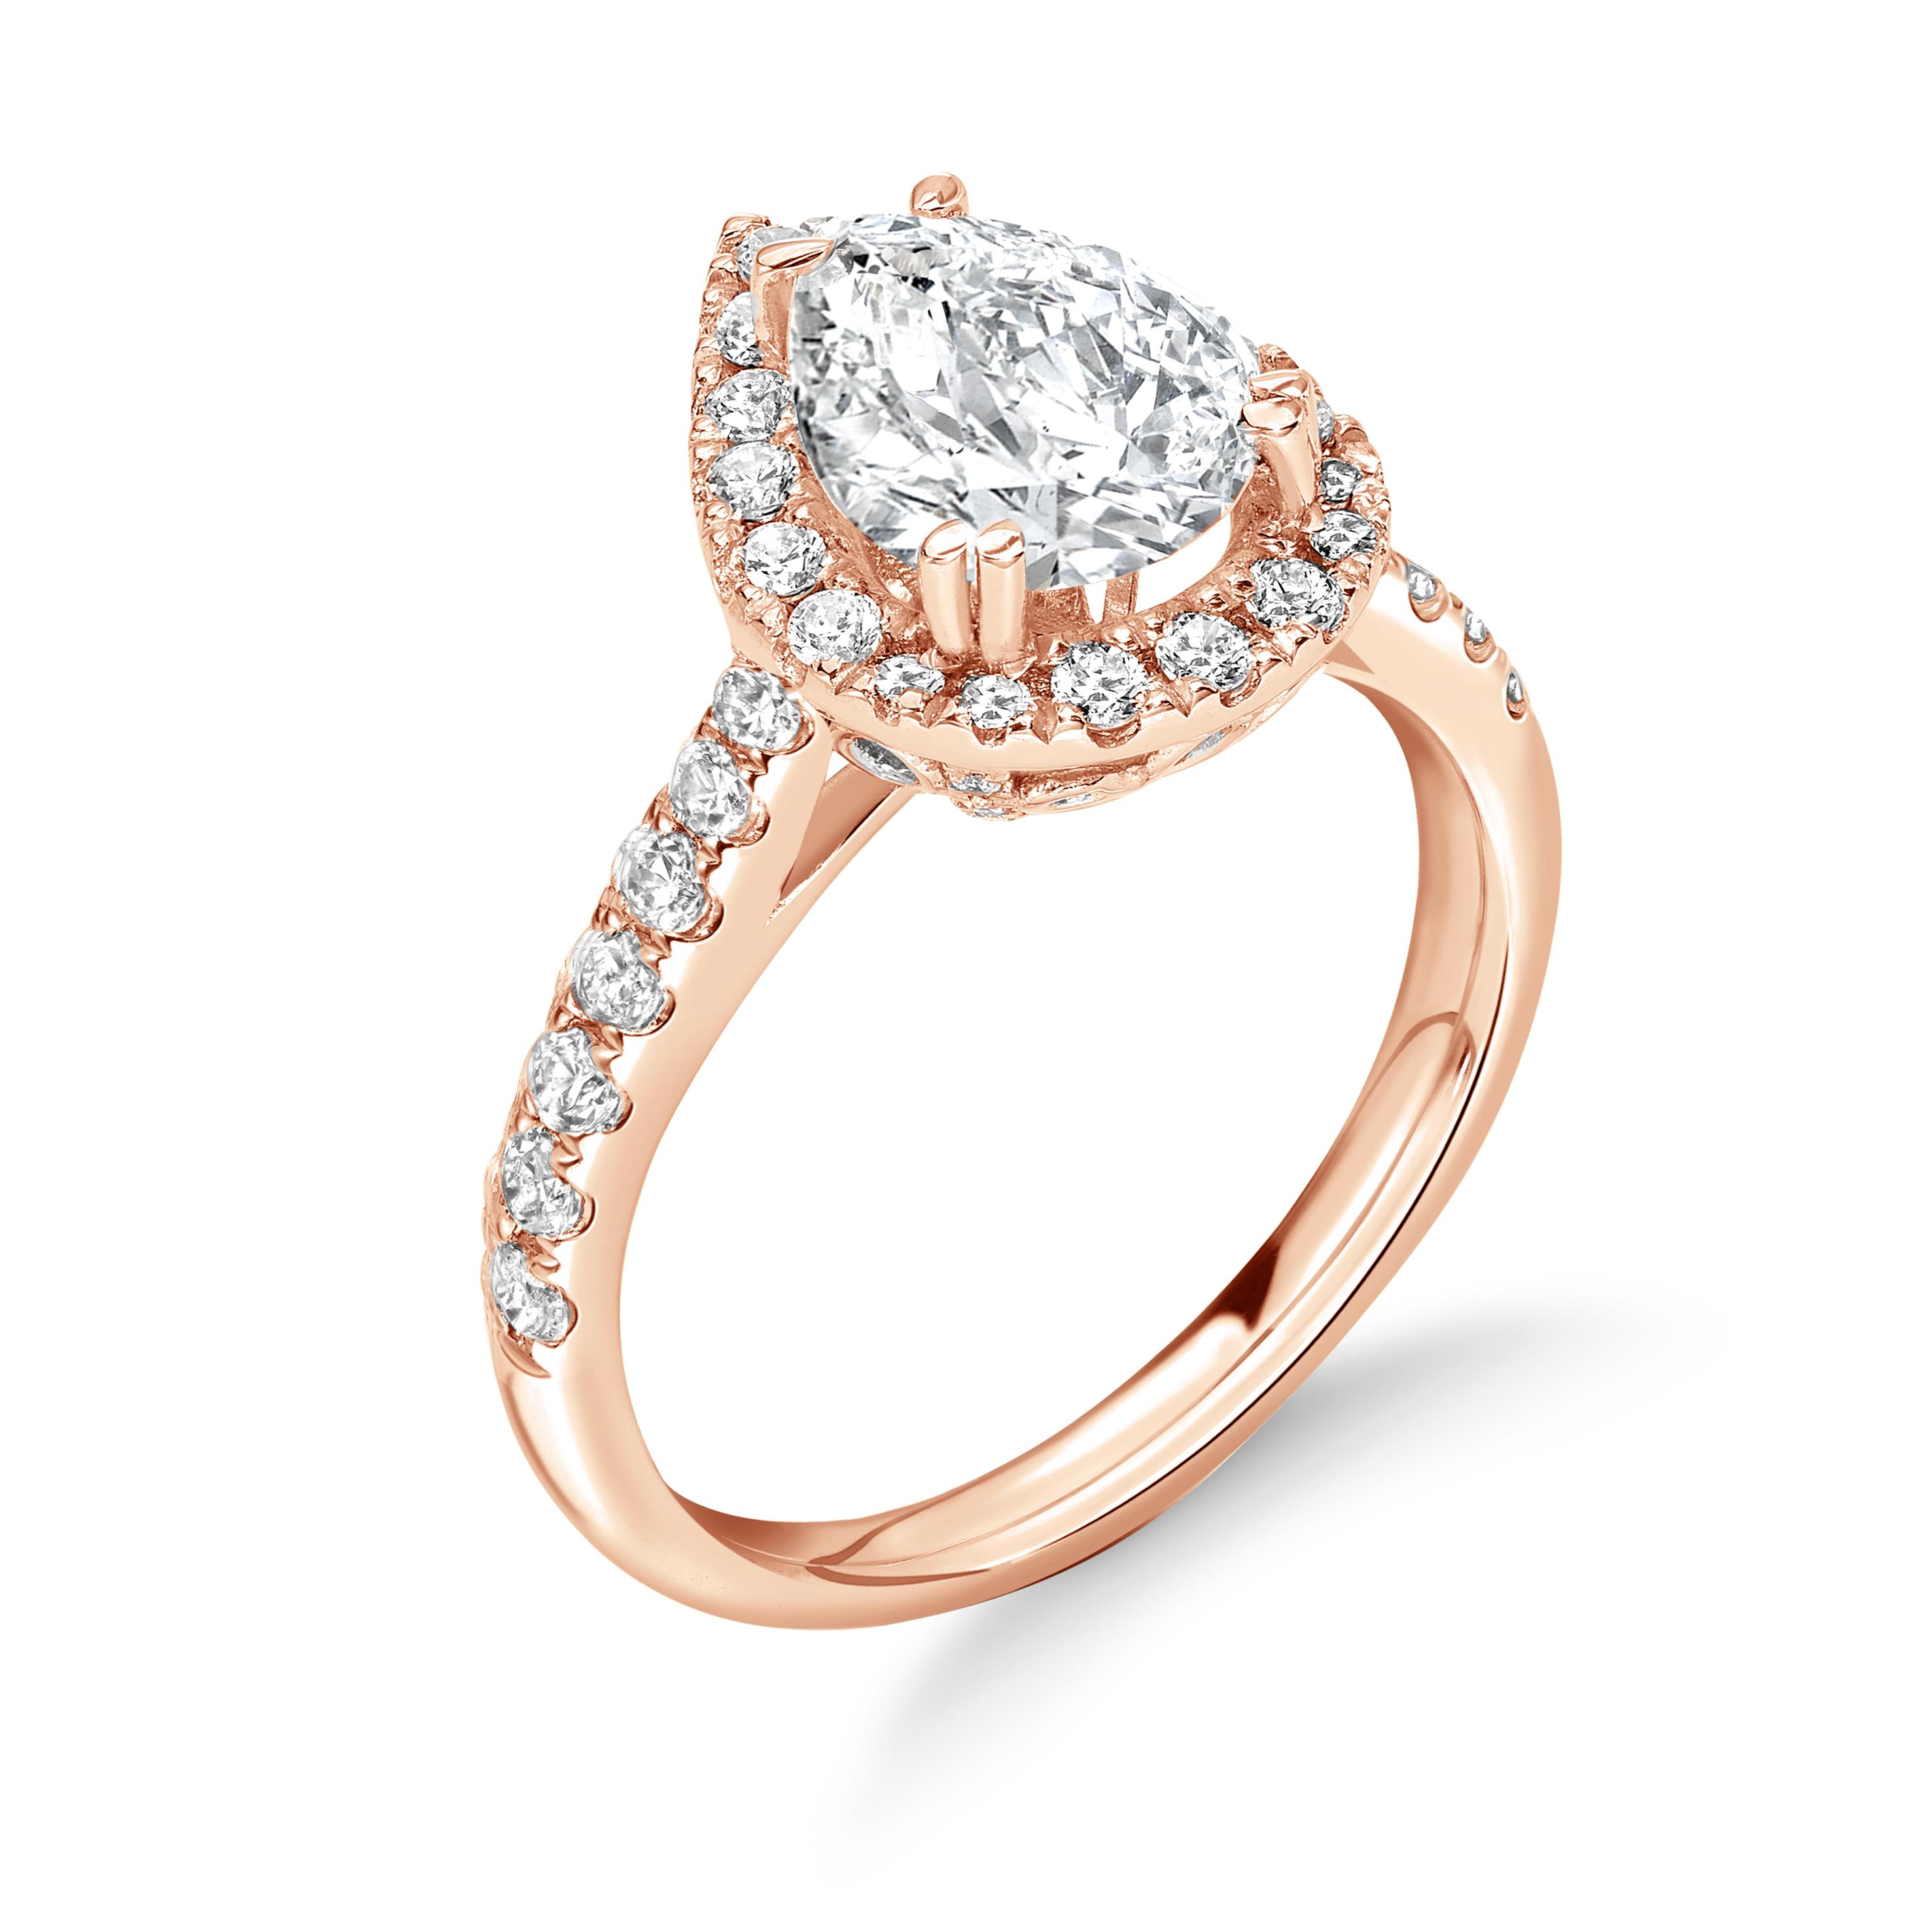 4 Prong Setting Round Shape Vintage Halo Diamond Engagement Rings